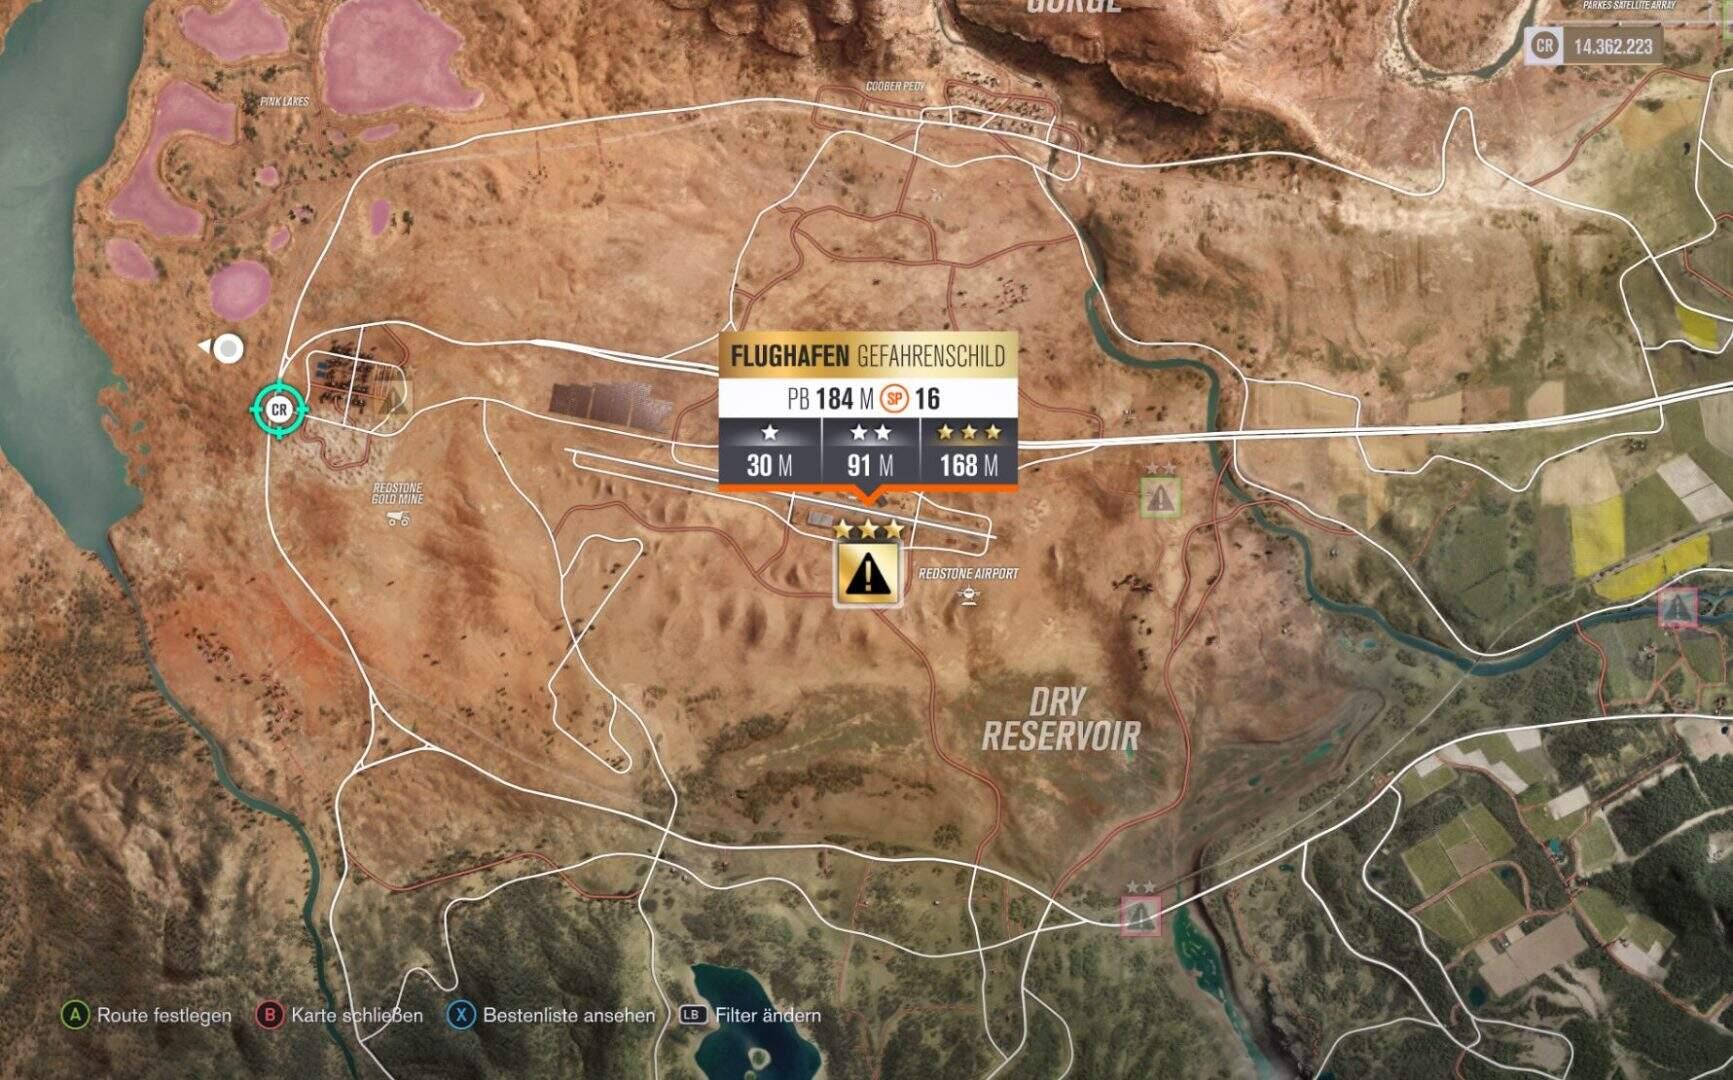 Forza Horizon 3 Flughafen Gefahrenschild